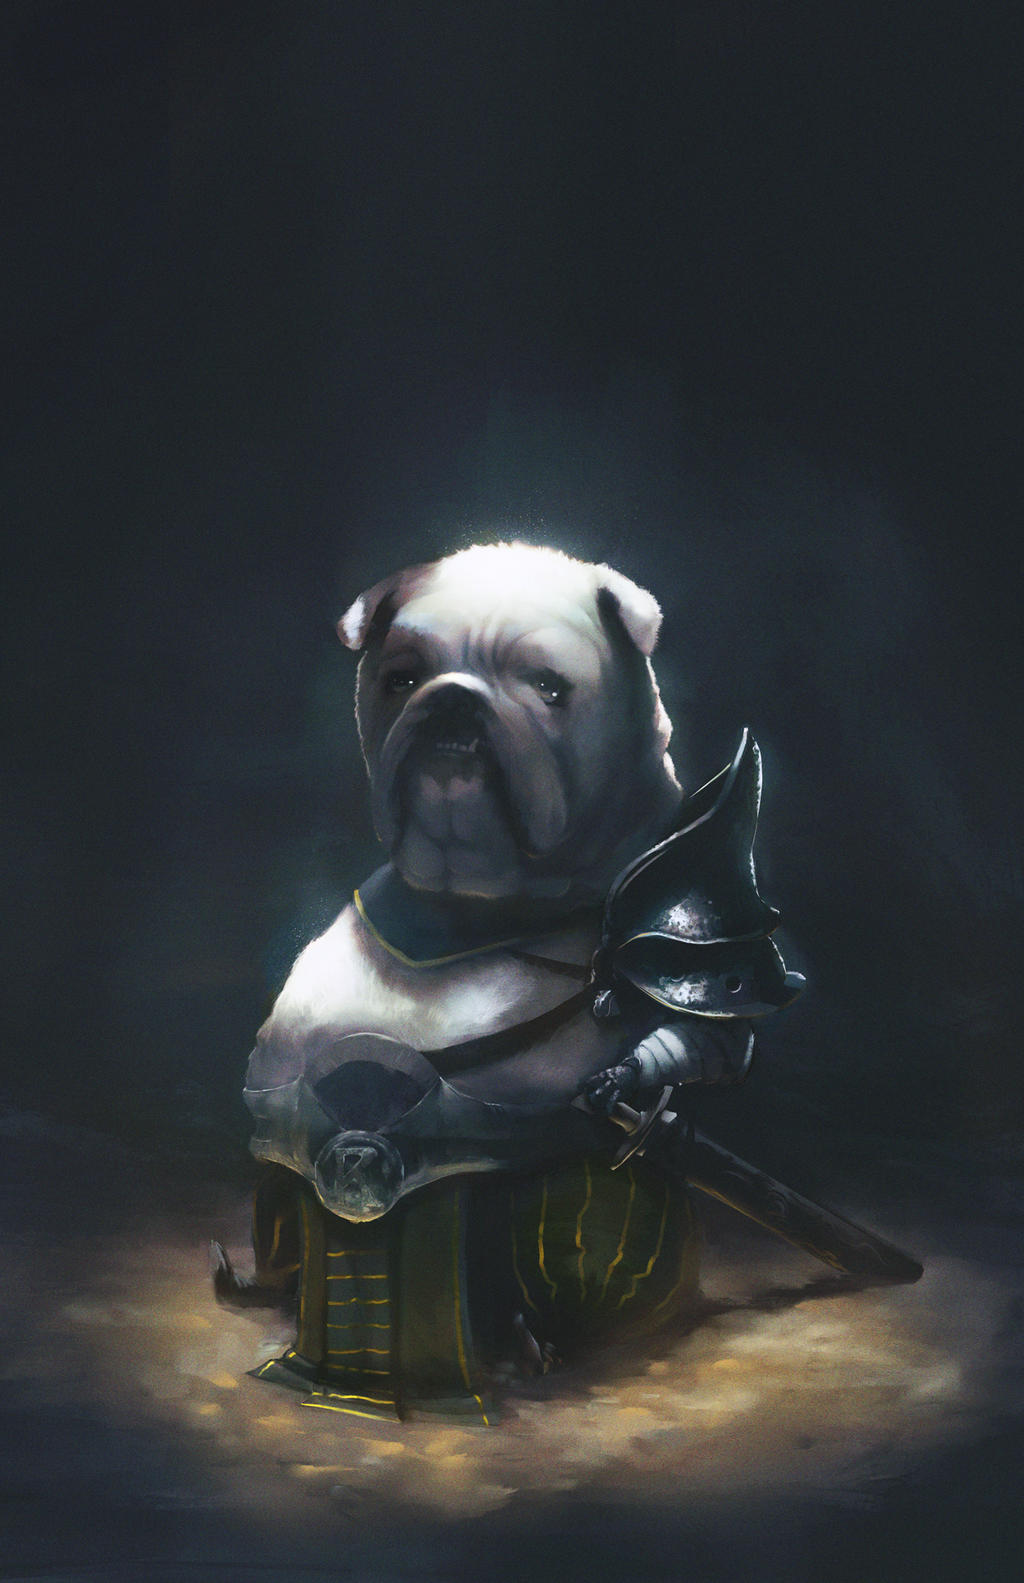 Warrior dog #2 by ariirf on DeviantArt